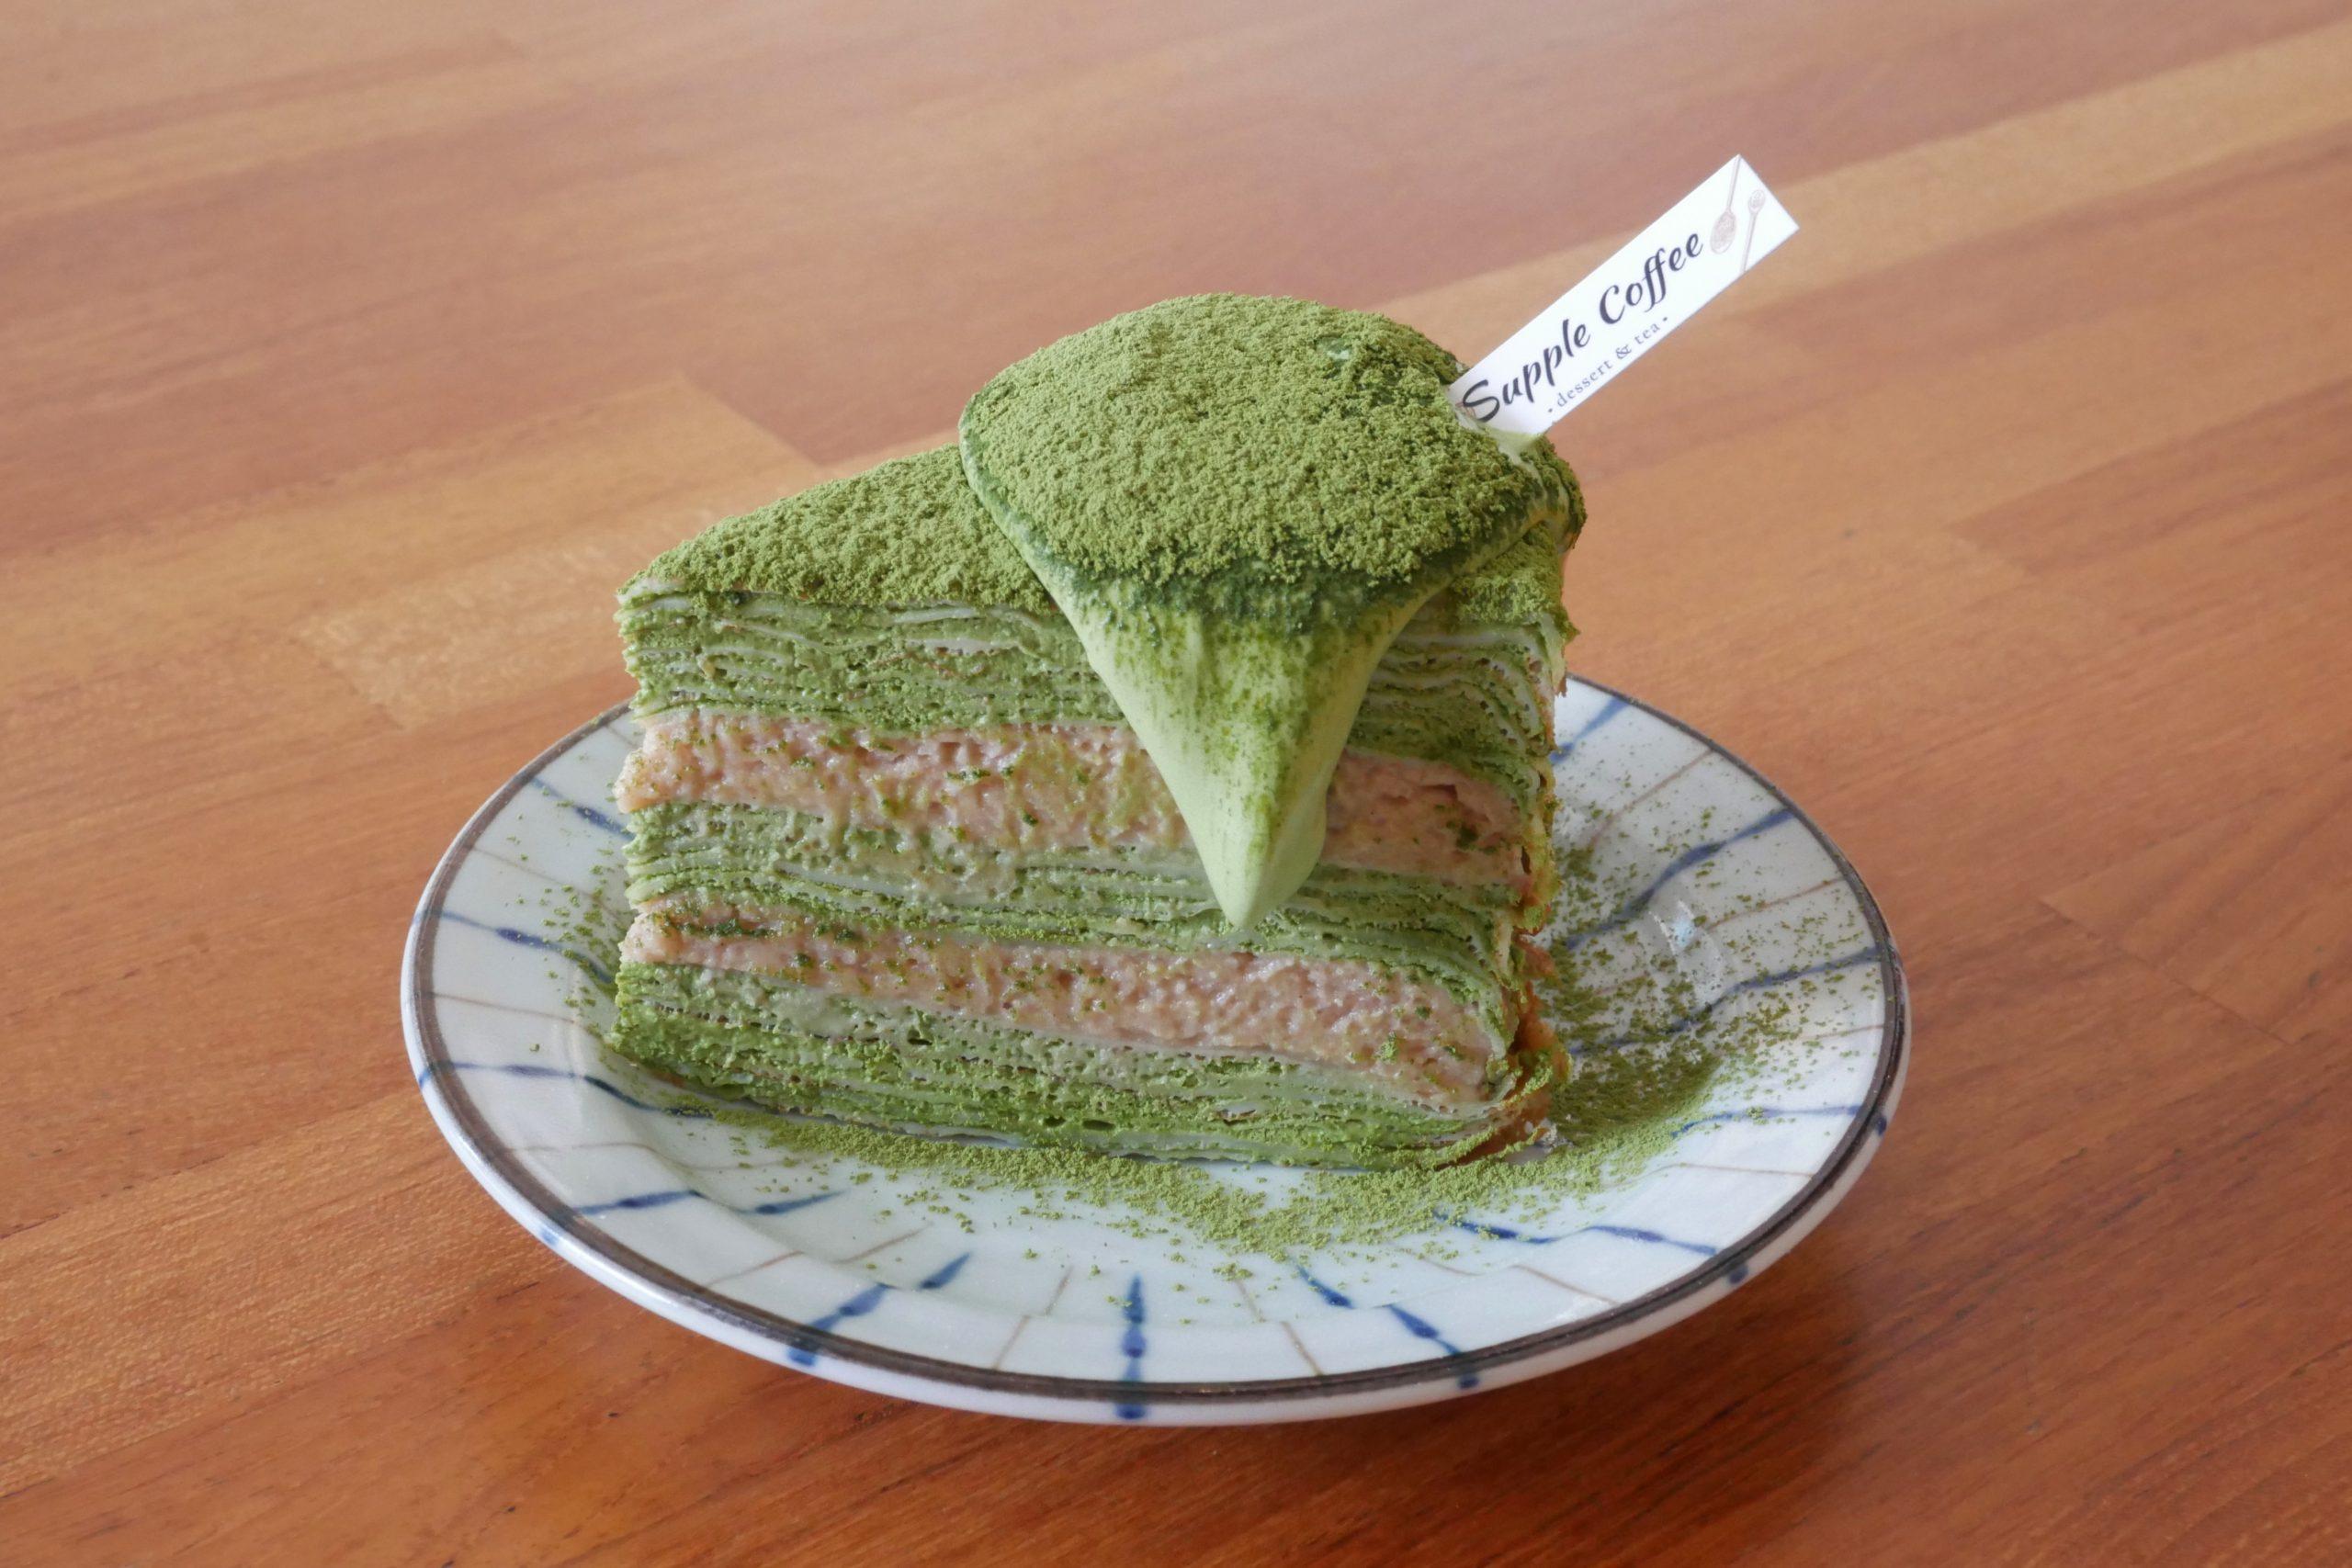 2020台中千層蛋糕推薦:精選台中好吃千層蛋糕,不但少女心而且很療癒 @飛天璇的口袋